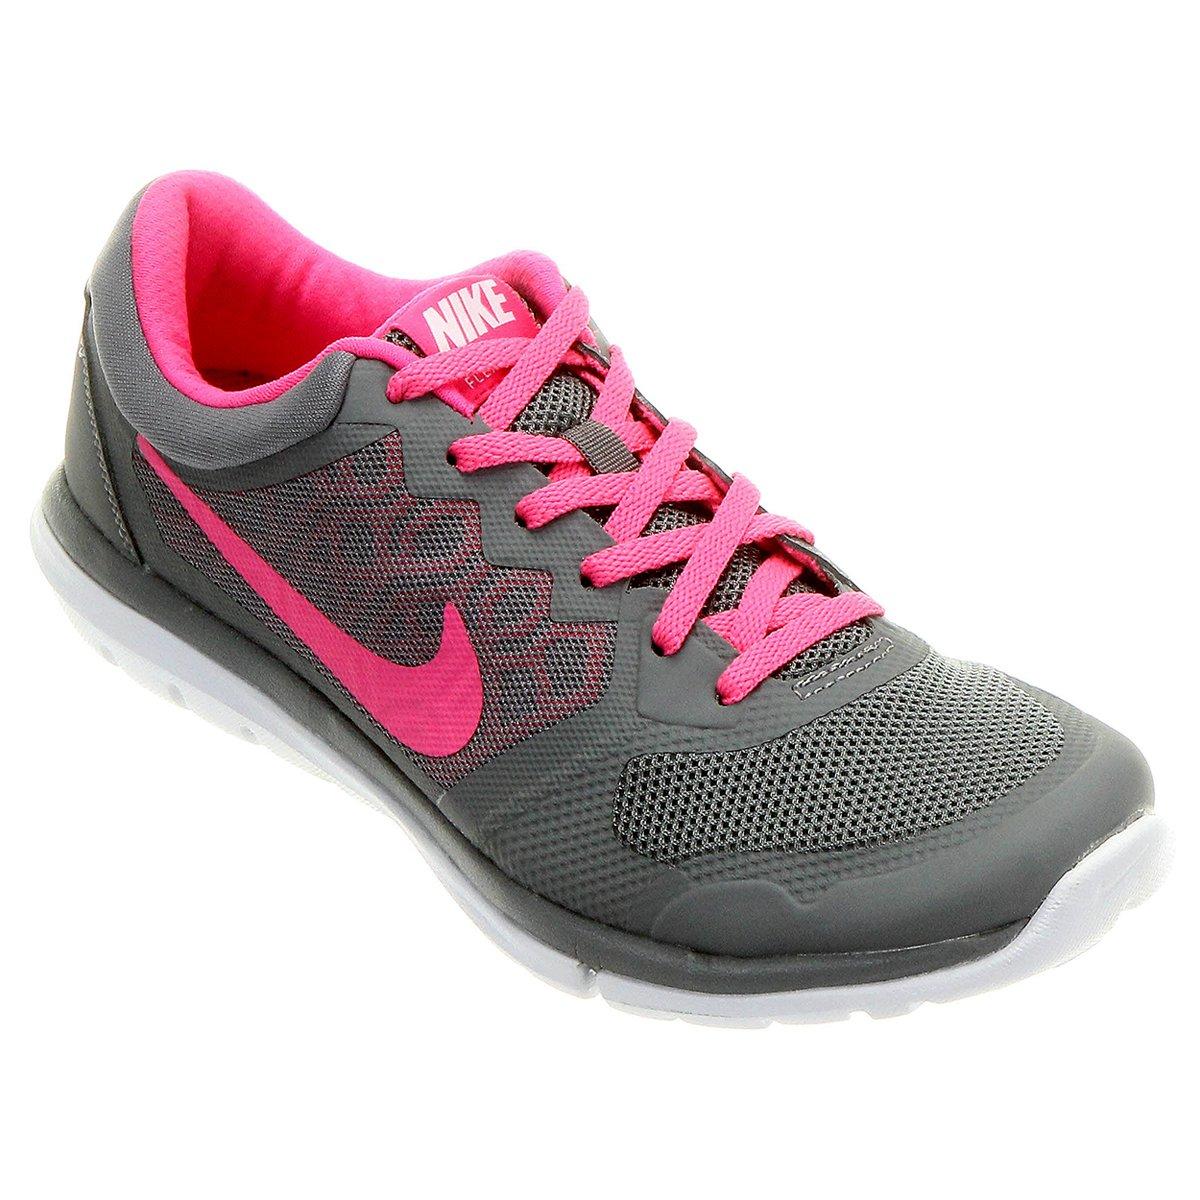 10d1531f724 Tênis Nike Flex 2015 RN MSL Feminino - Compre Agora